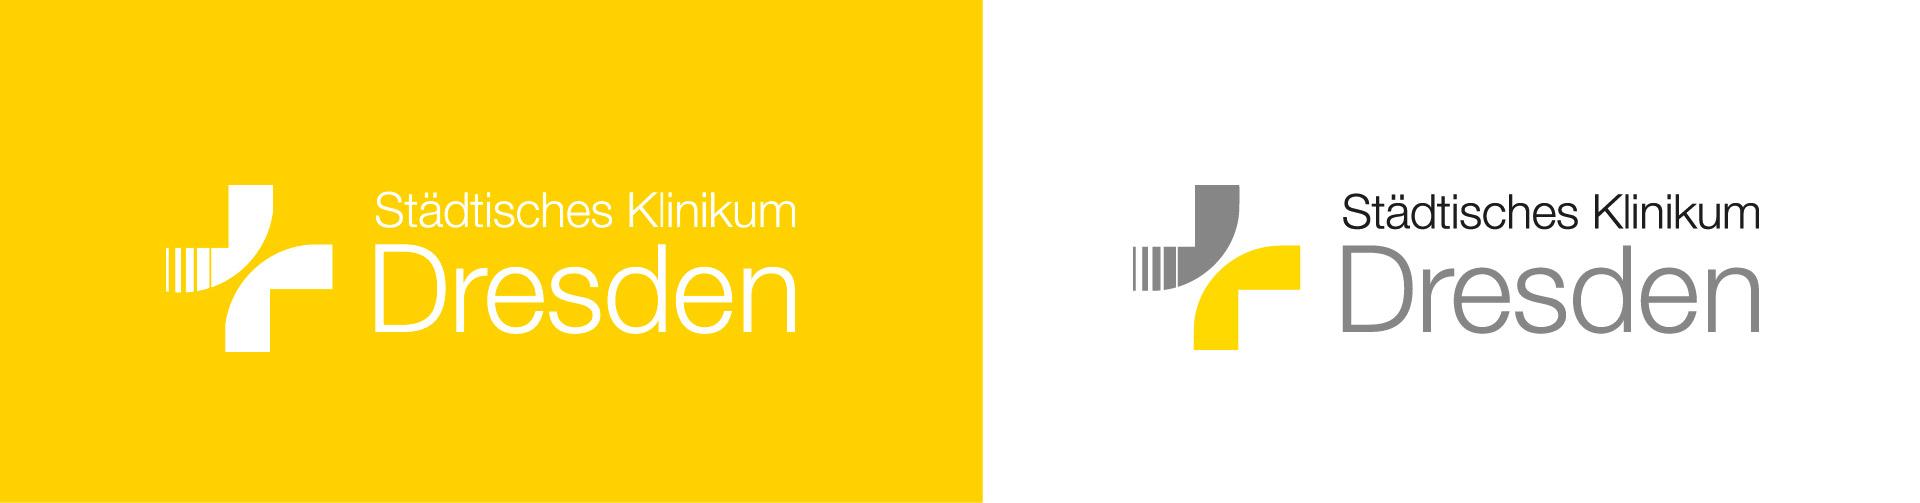 Logoentwicklung der Dachmarke Städtisches Klinikum Dresden